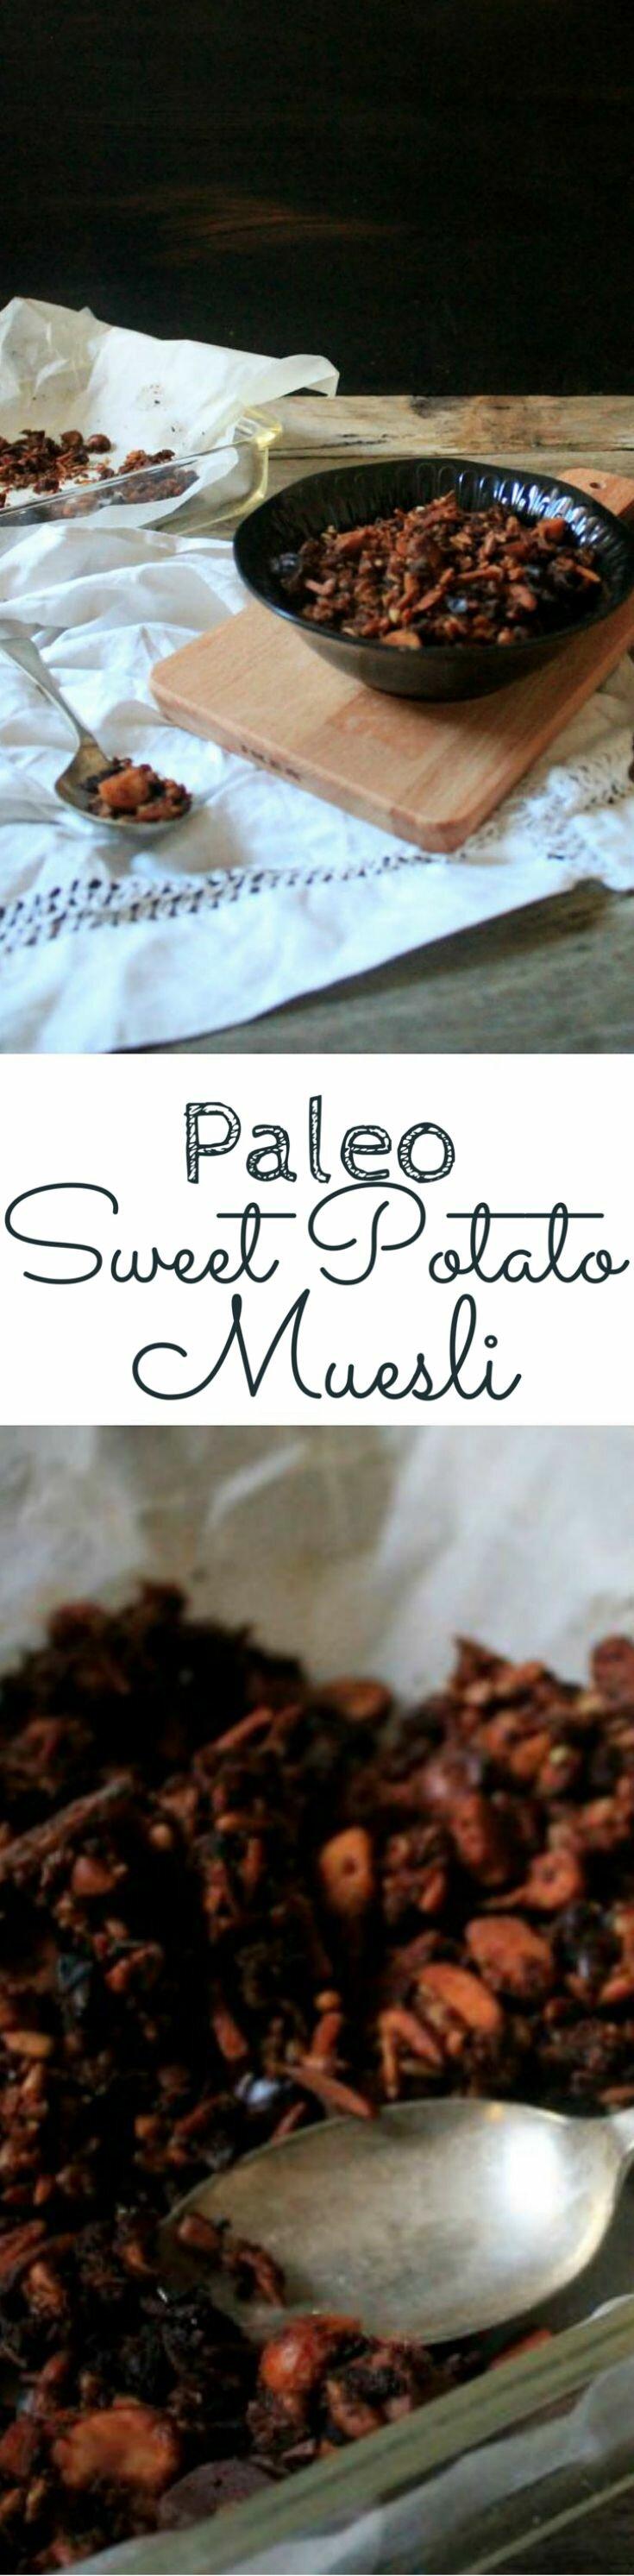 Paleo Sweet Potato Muesli